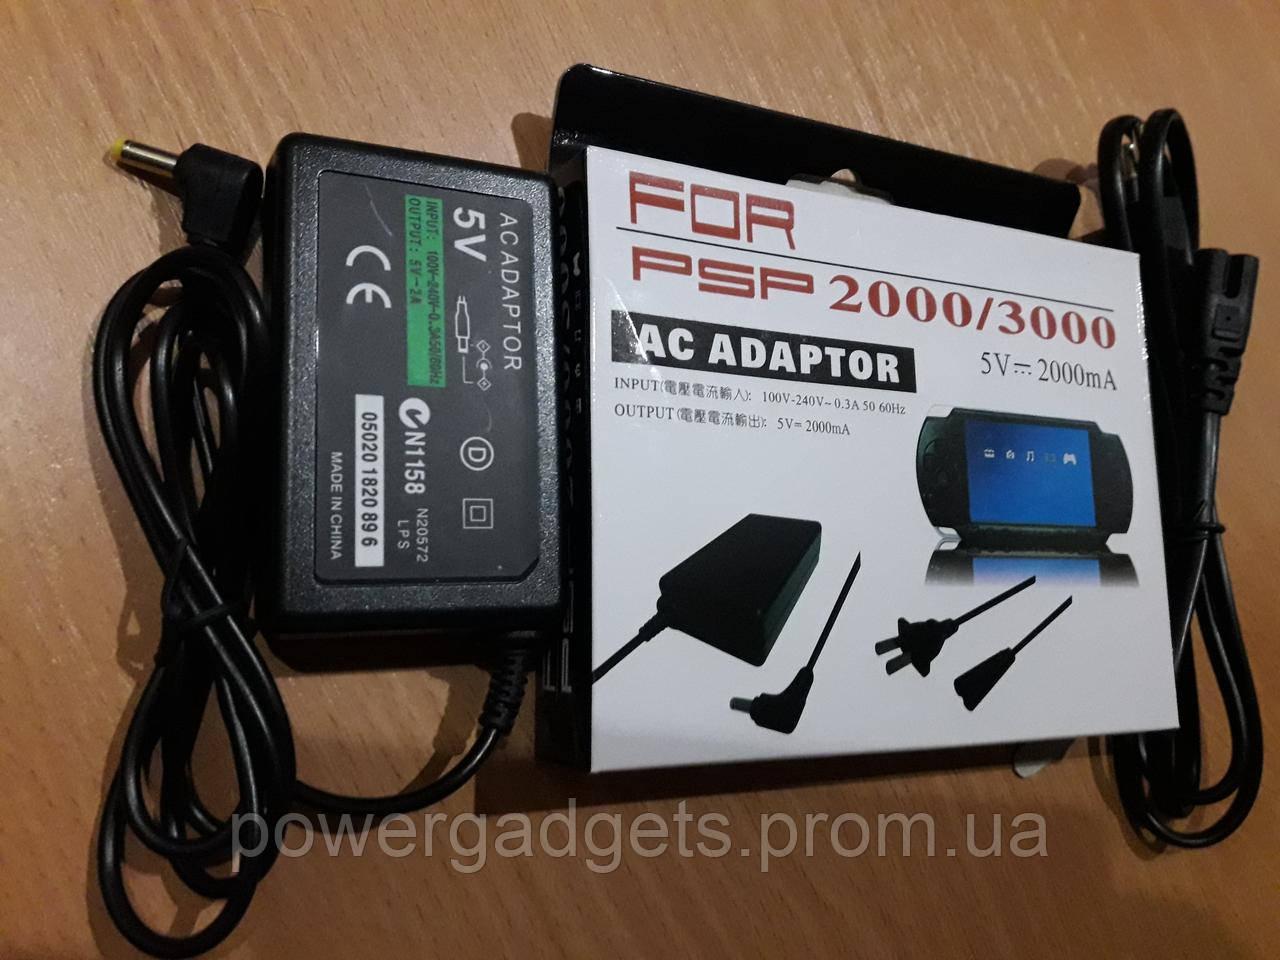 Сетевой комплект для зарядки Sony PSP 1000, 2000, 3000